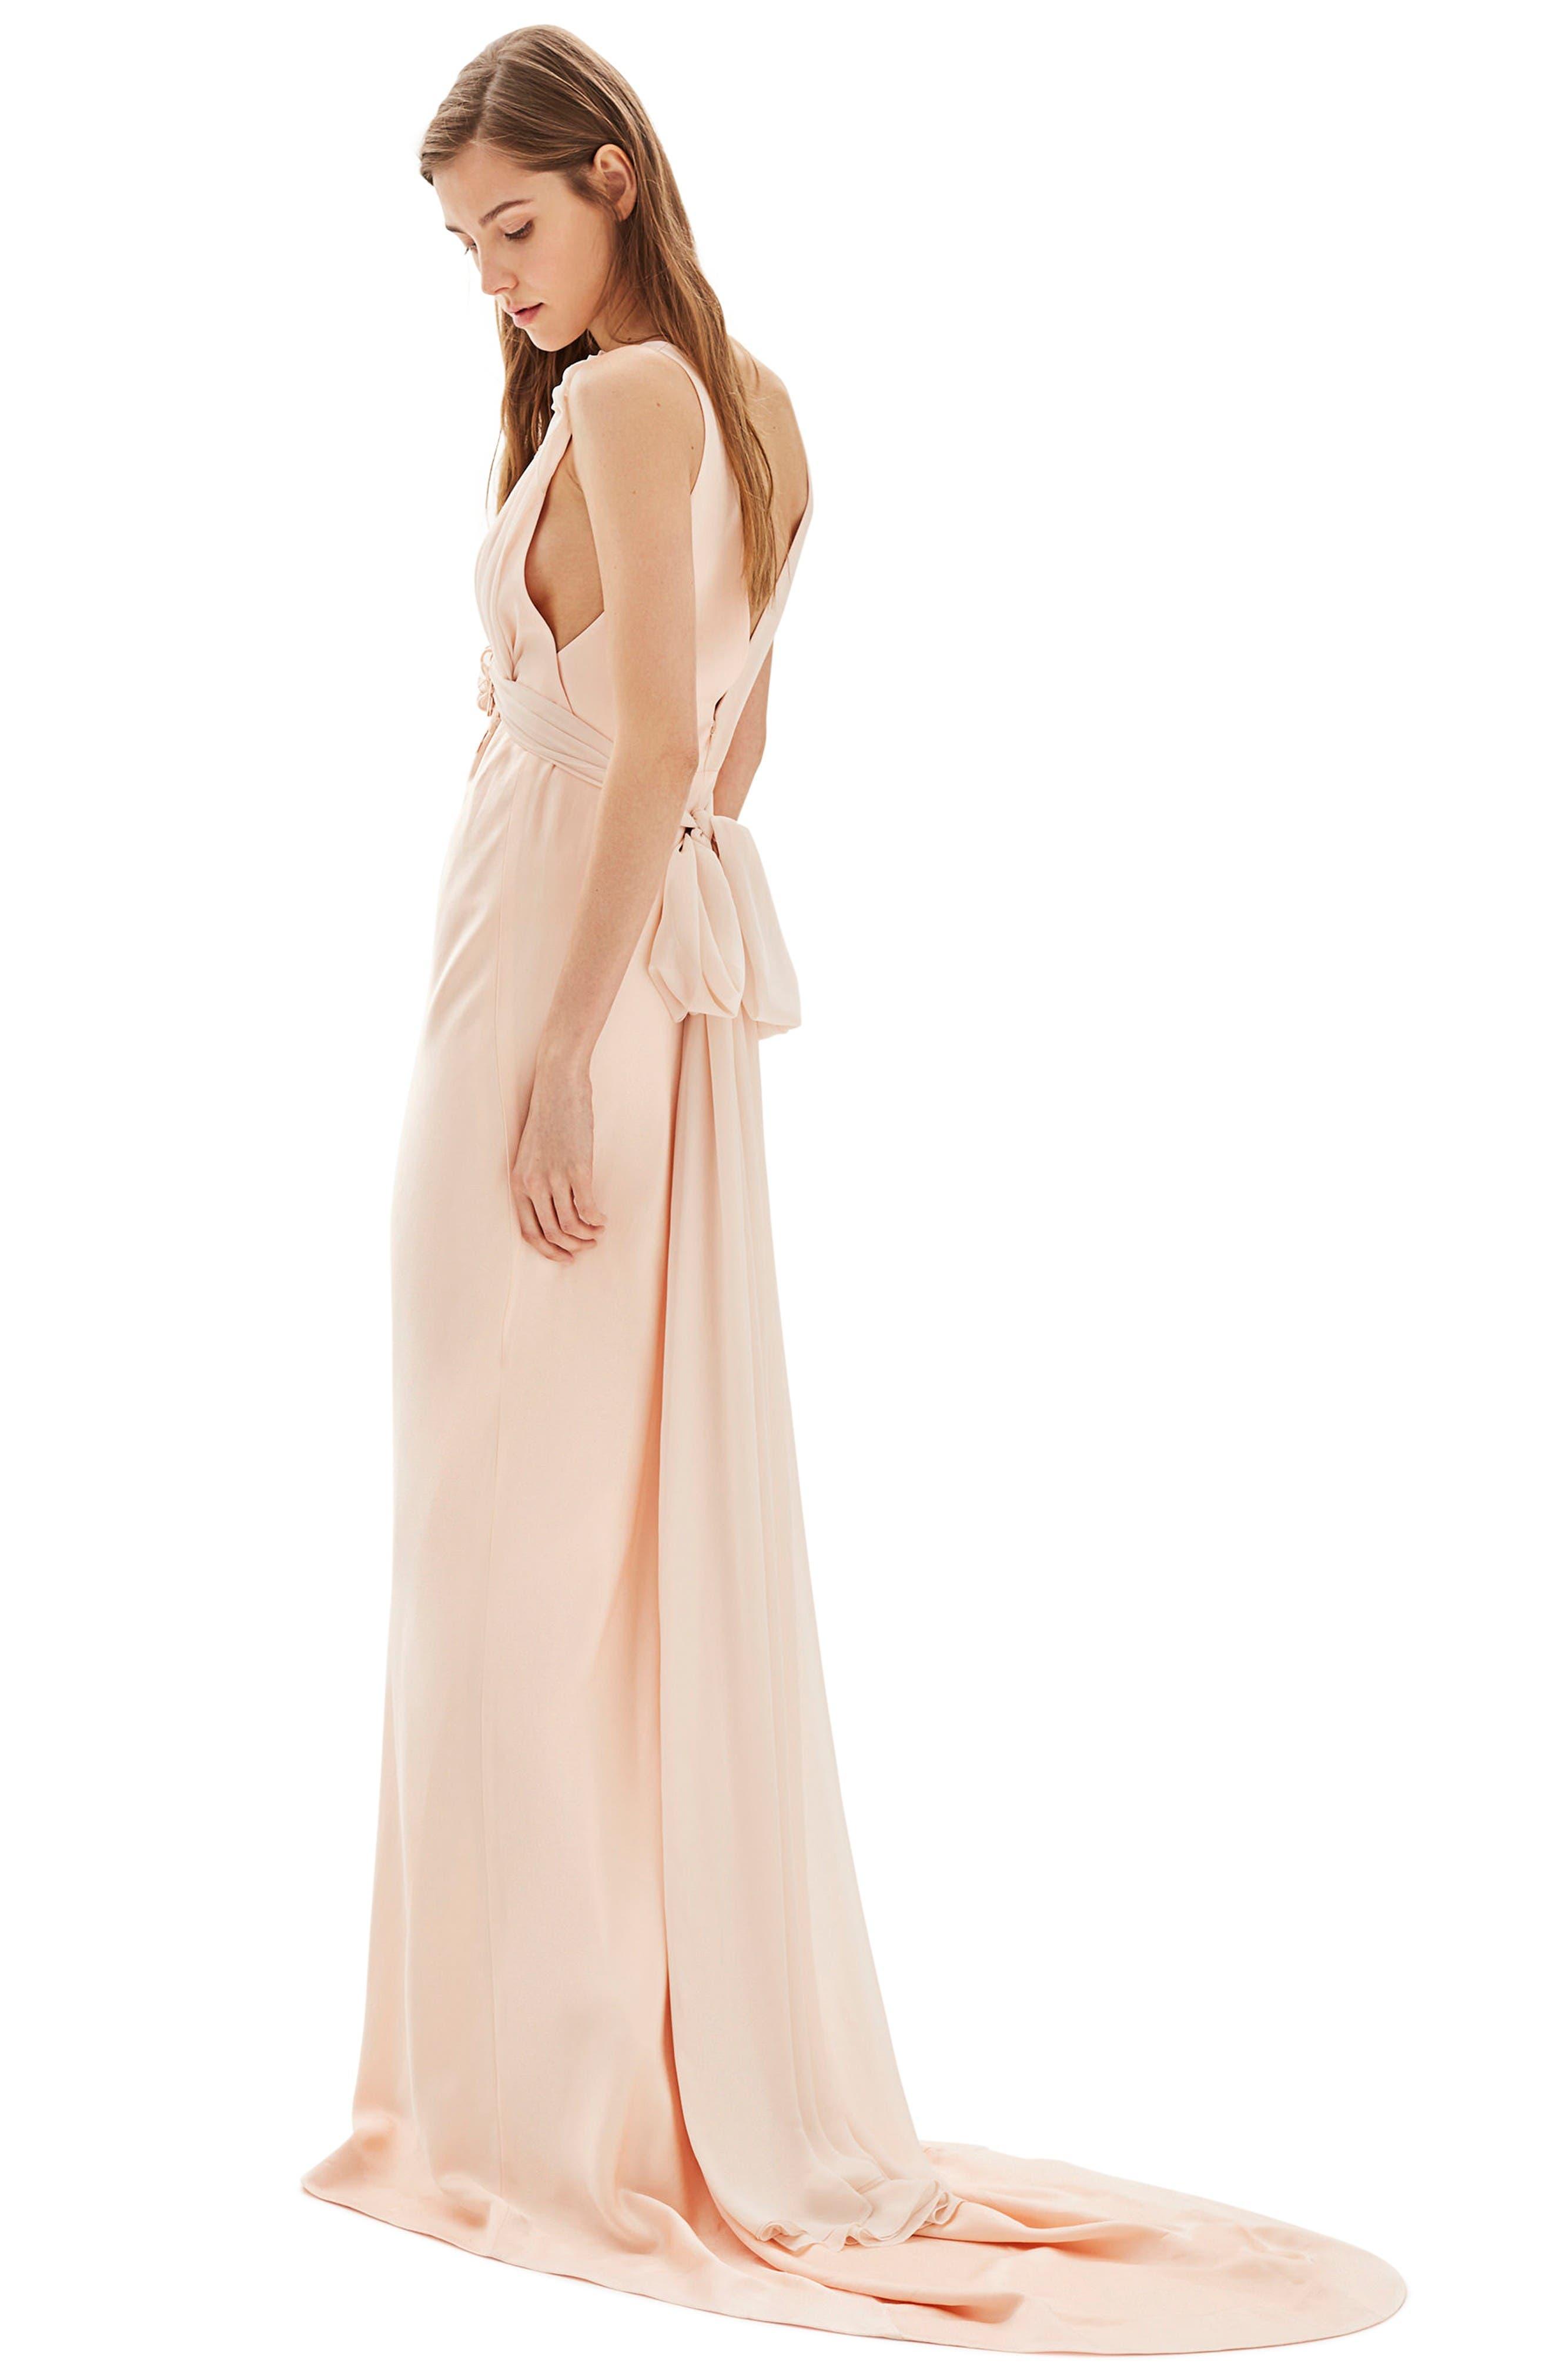 Topshop Bride Floral Appliqué Sheath Gown